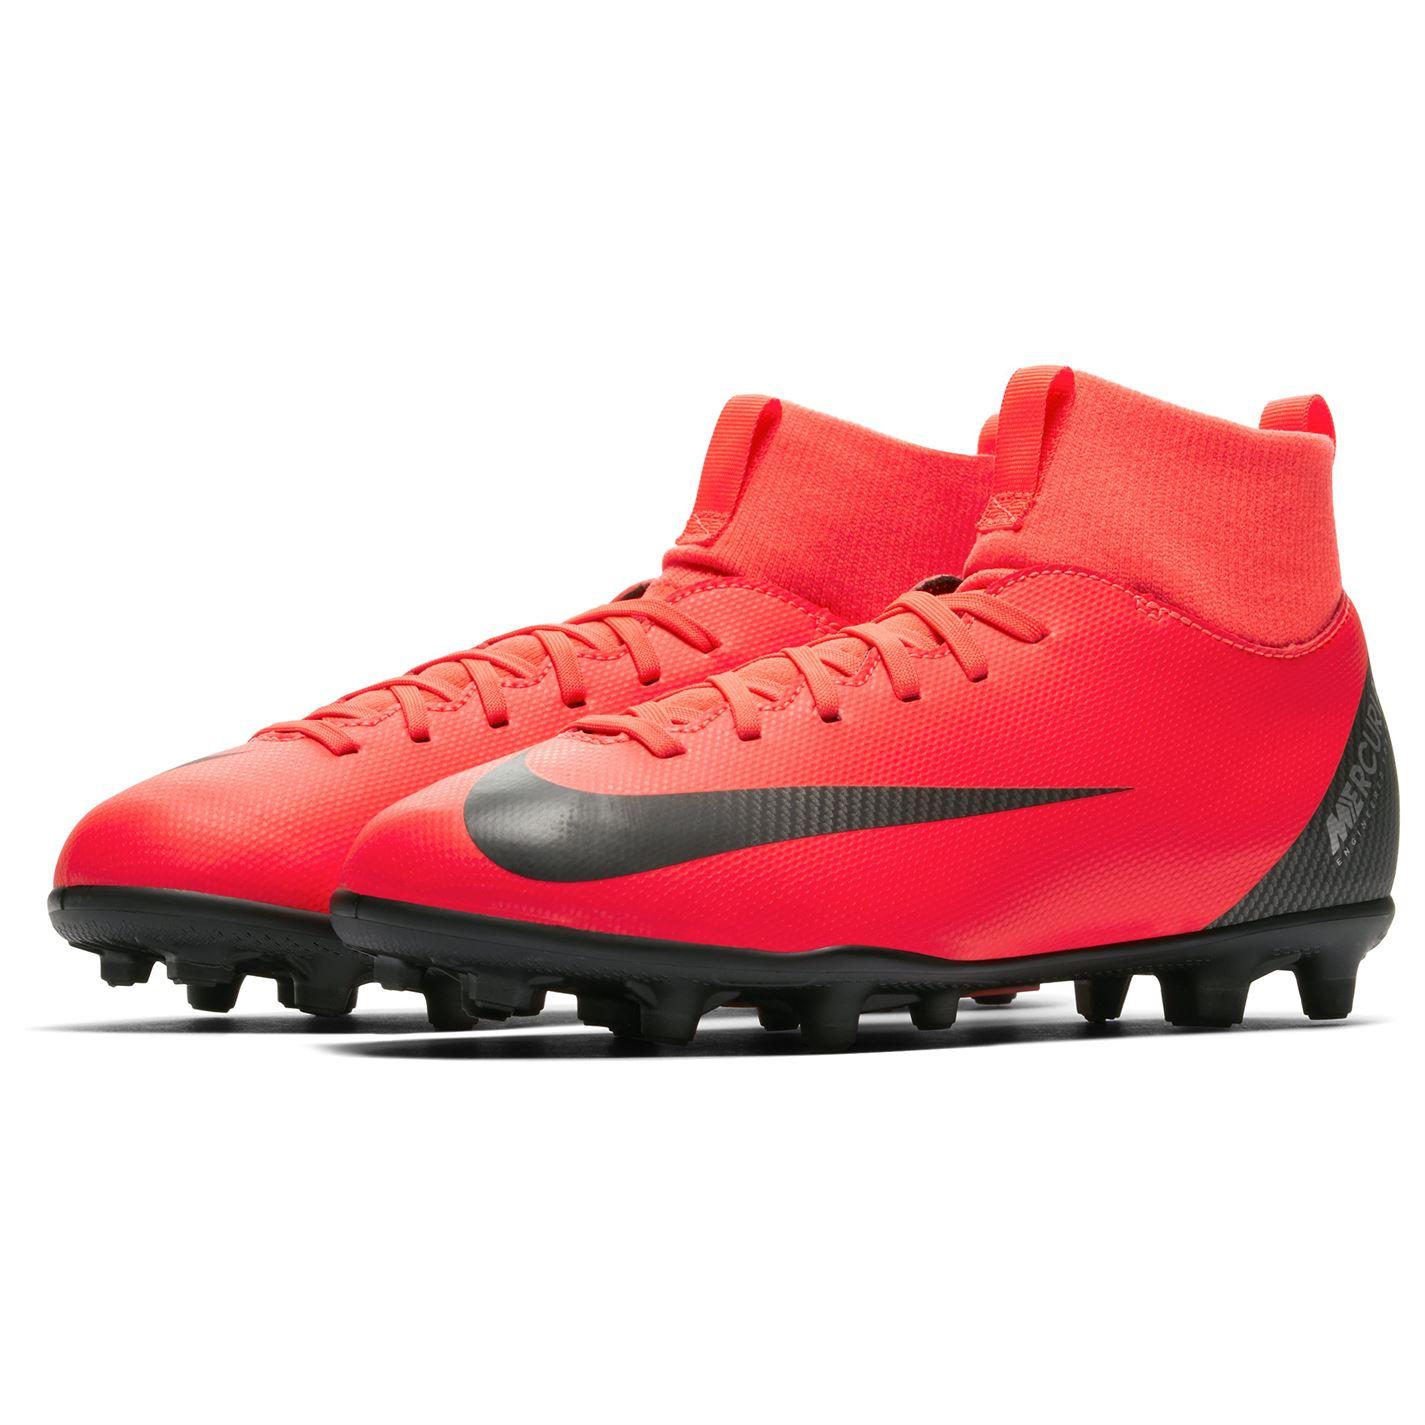 kopačky Nike Mercurial Superfly Club CR7 DF dětské FG